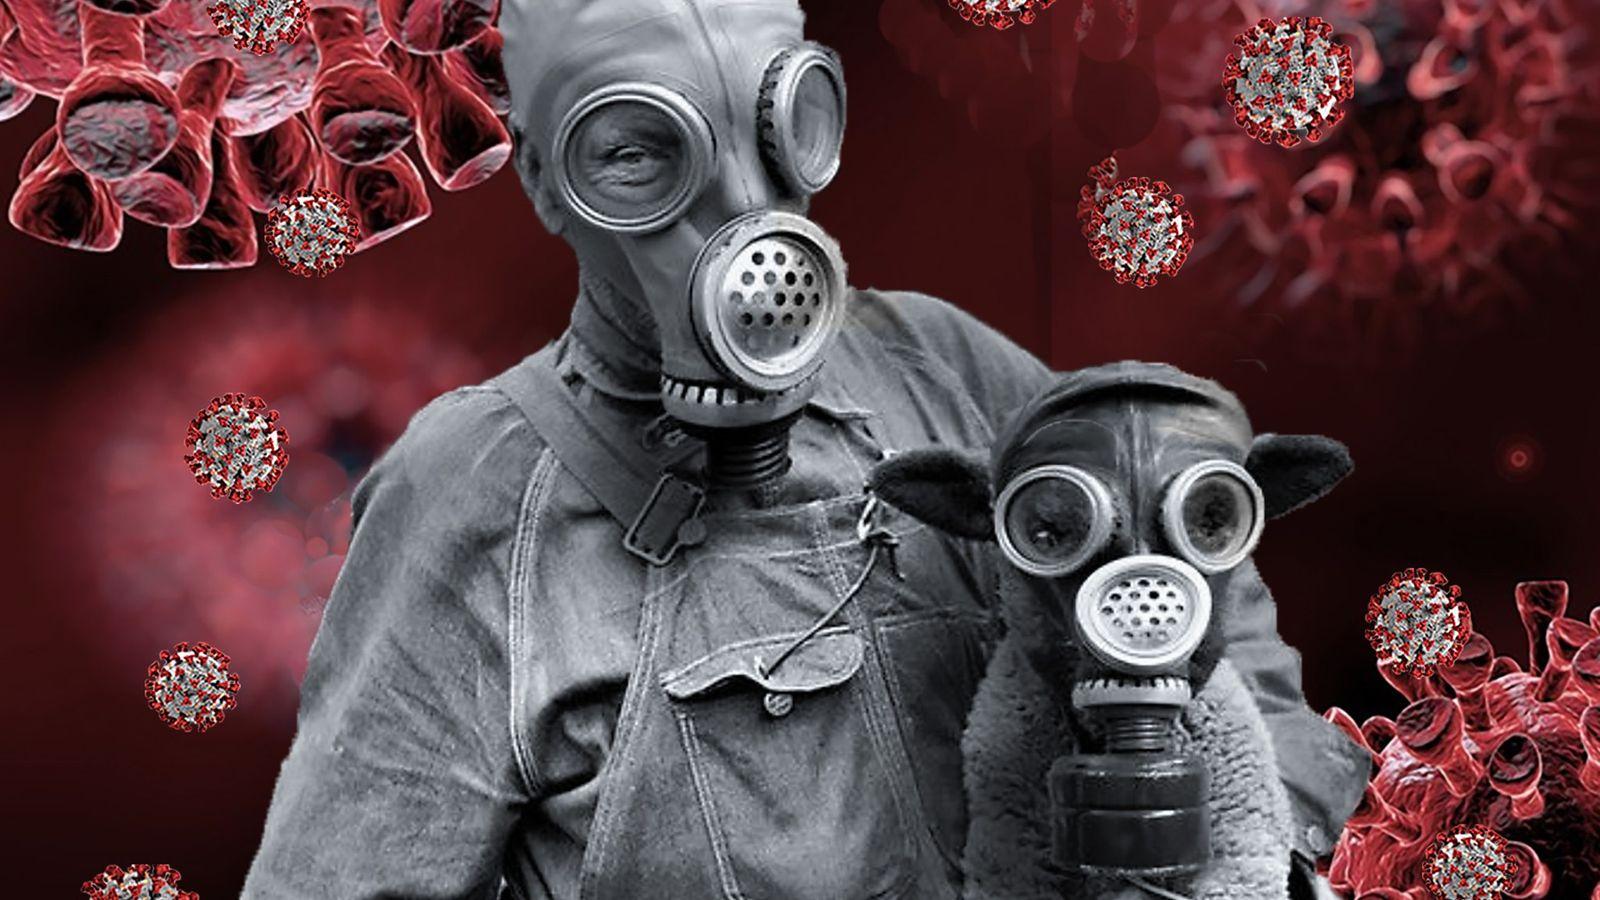 Sanità pubblica e ambiente a pezzi: le responsabilità sono solo del coronavirus?